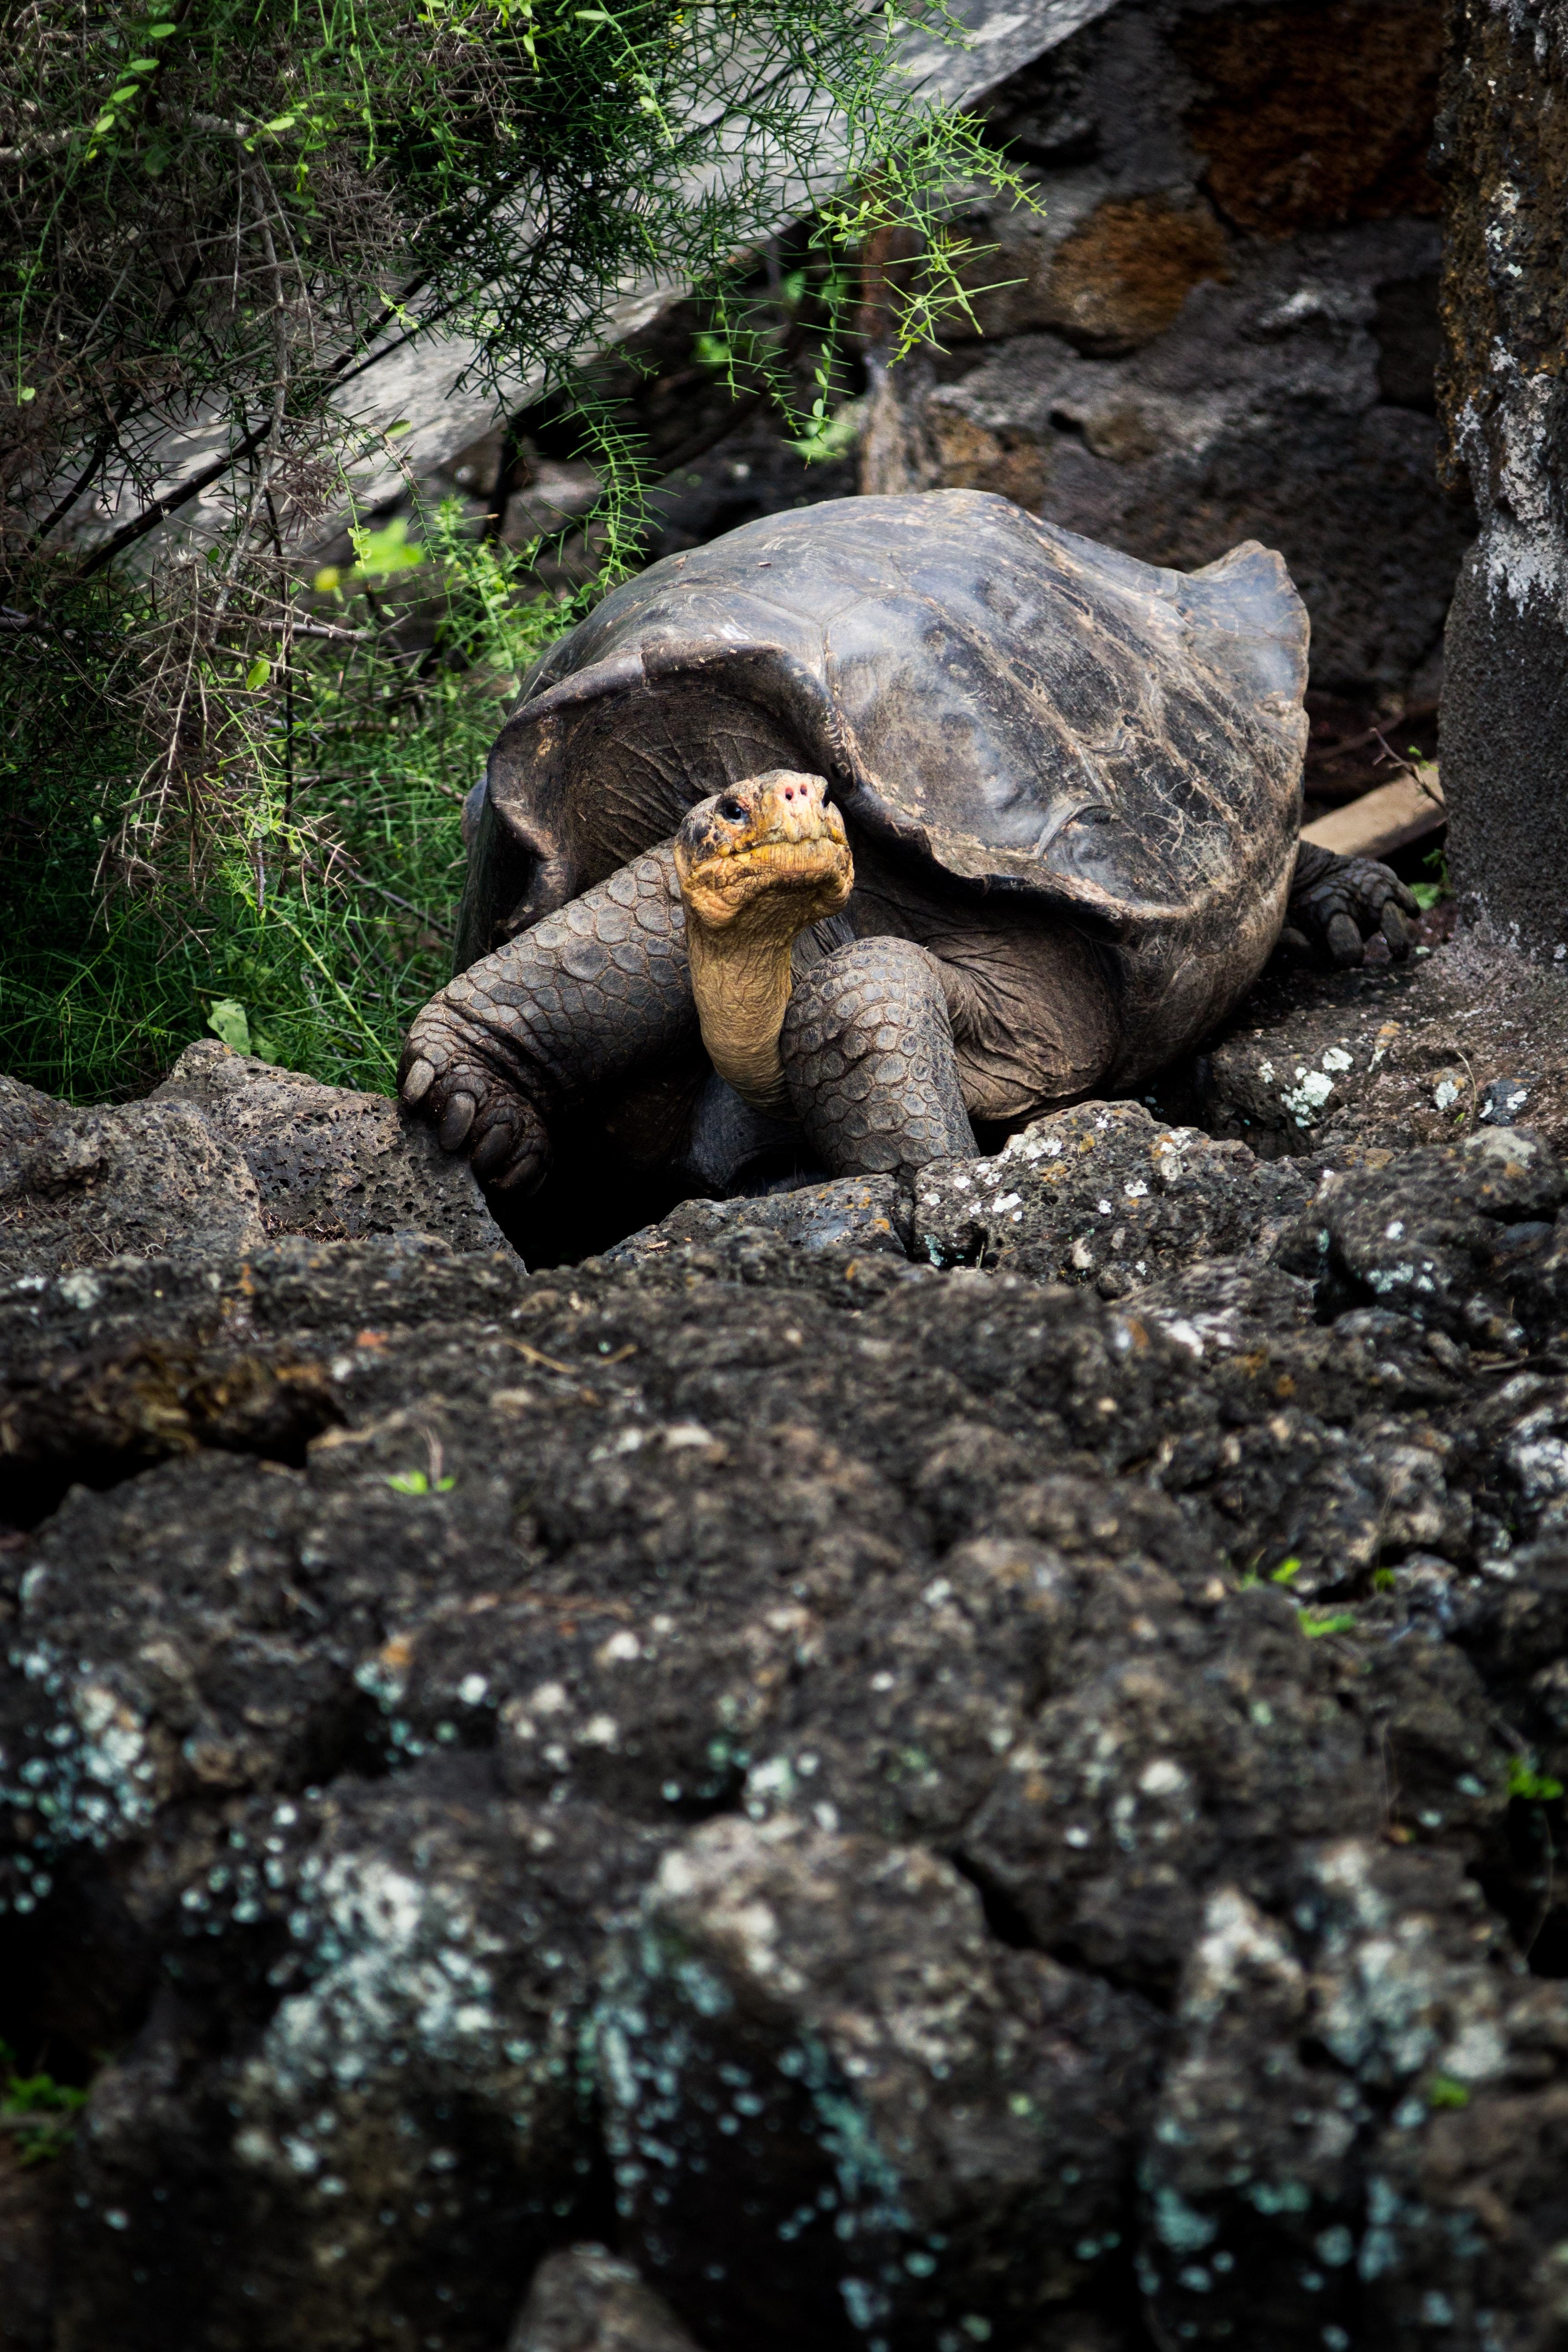 Tortoise on rock photo